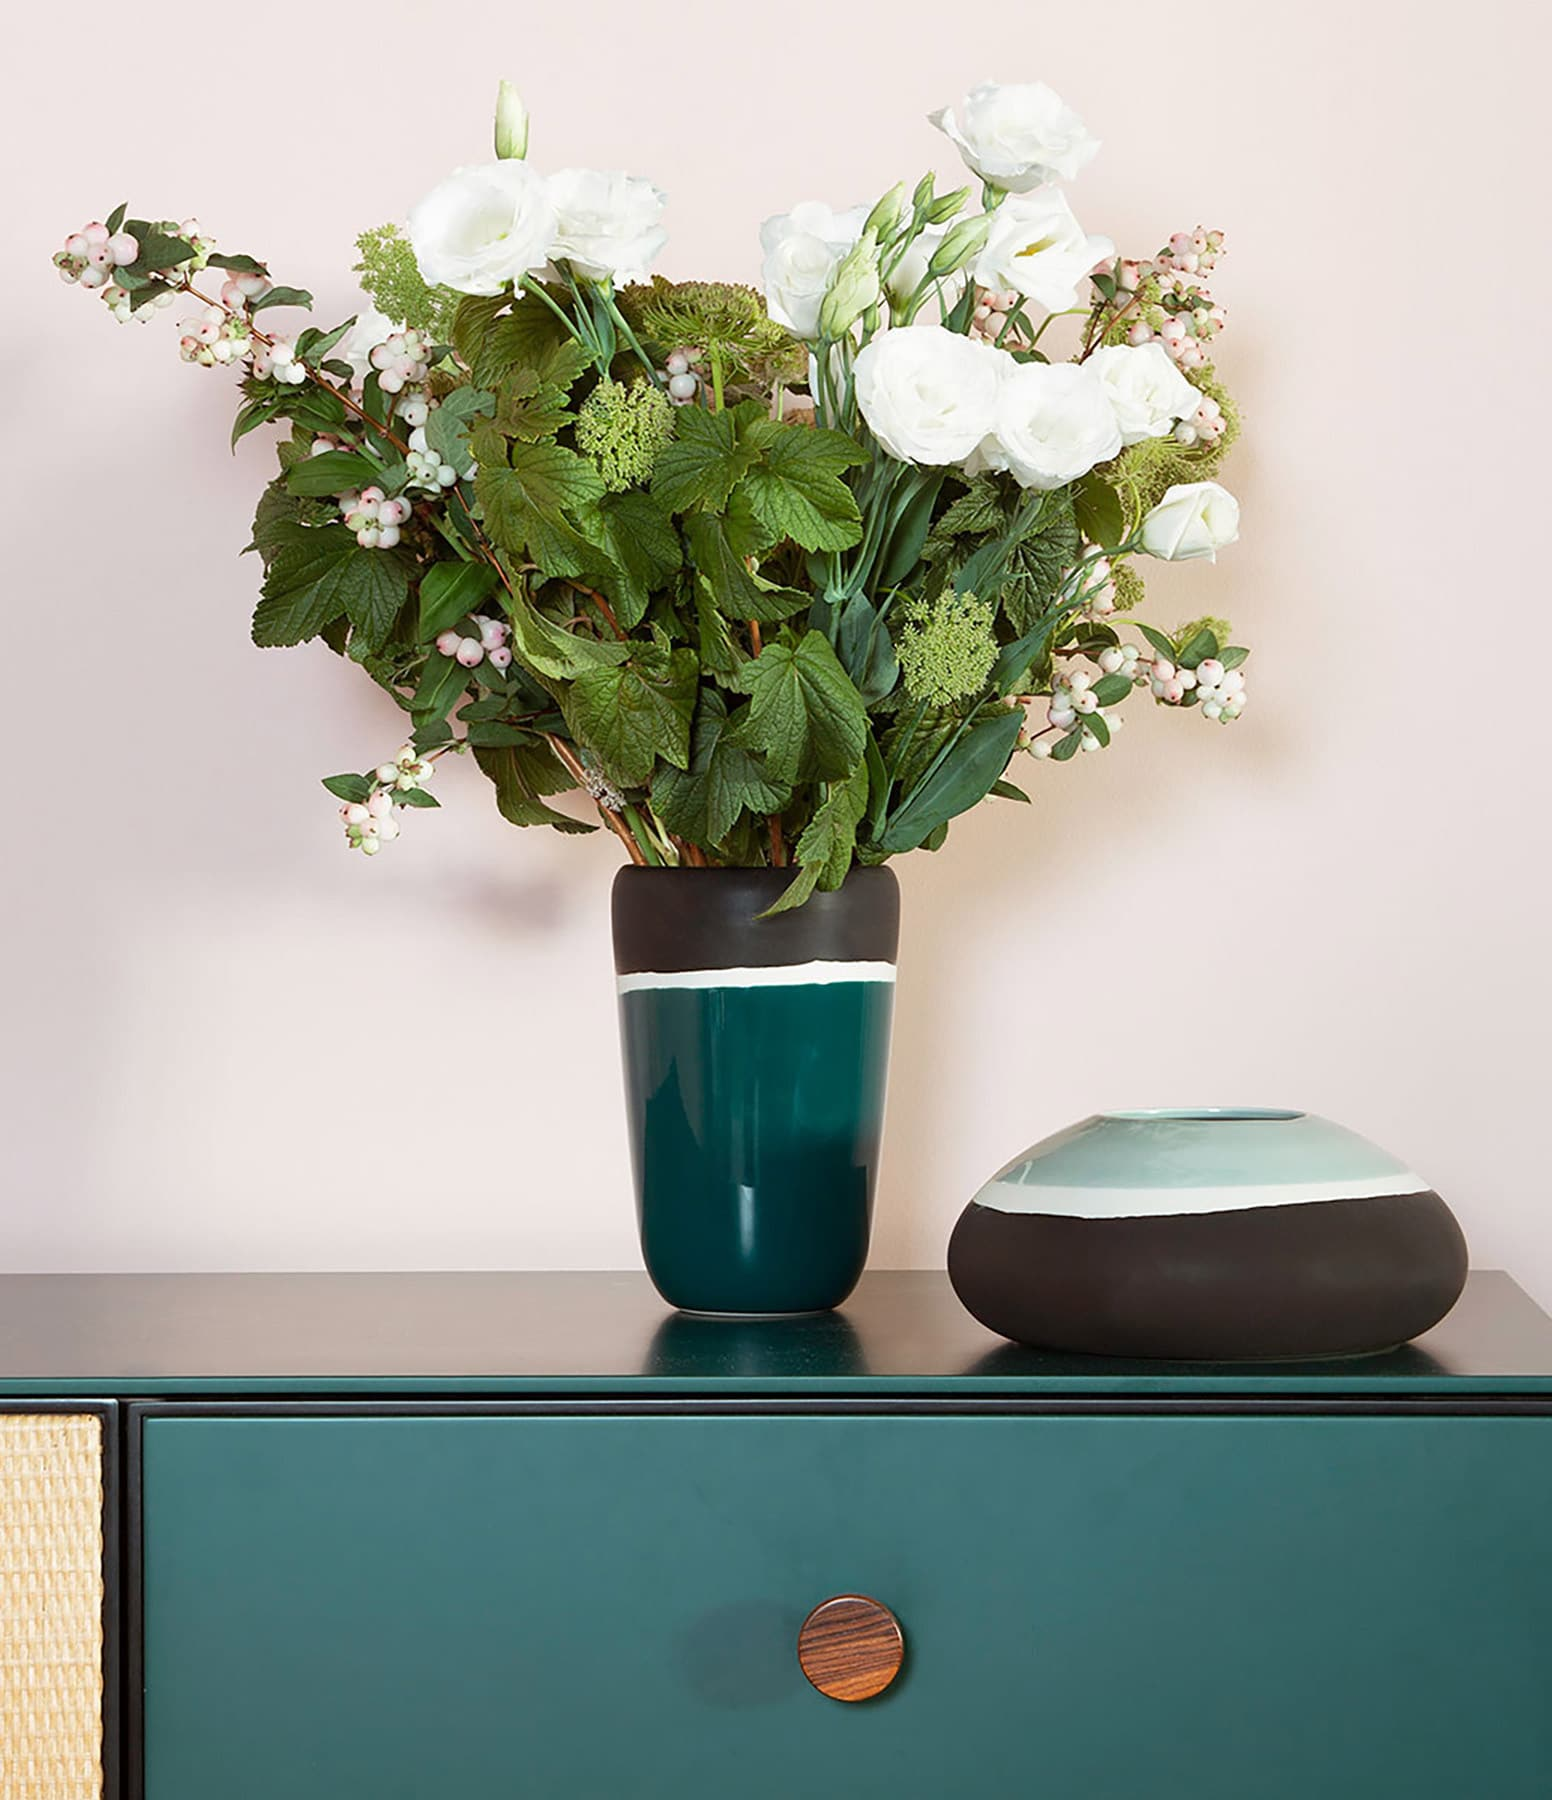 MAISON SARAH LAVOINE - Vase Sicilia Pousse de Tilleul 10x22cm